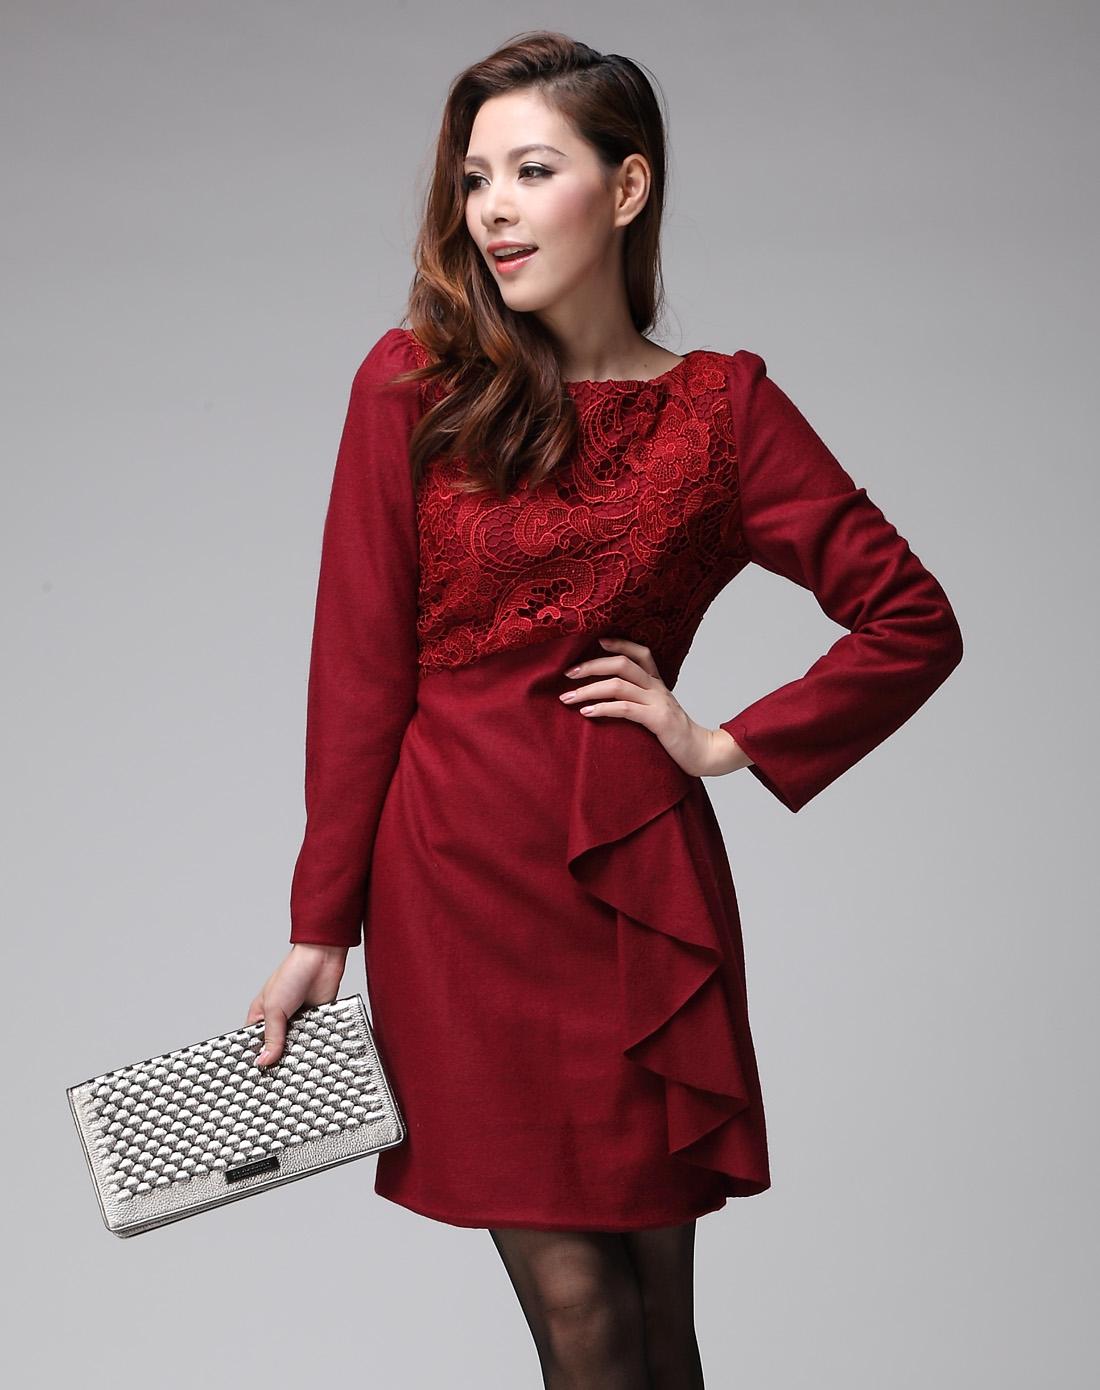 女枣红连衣裙